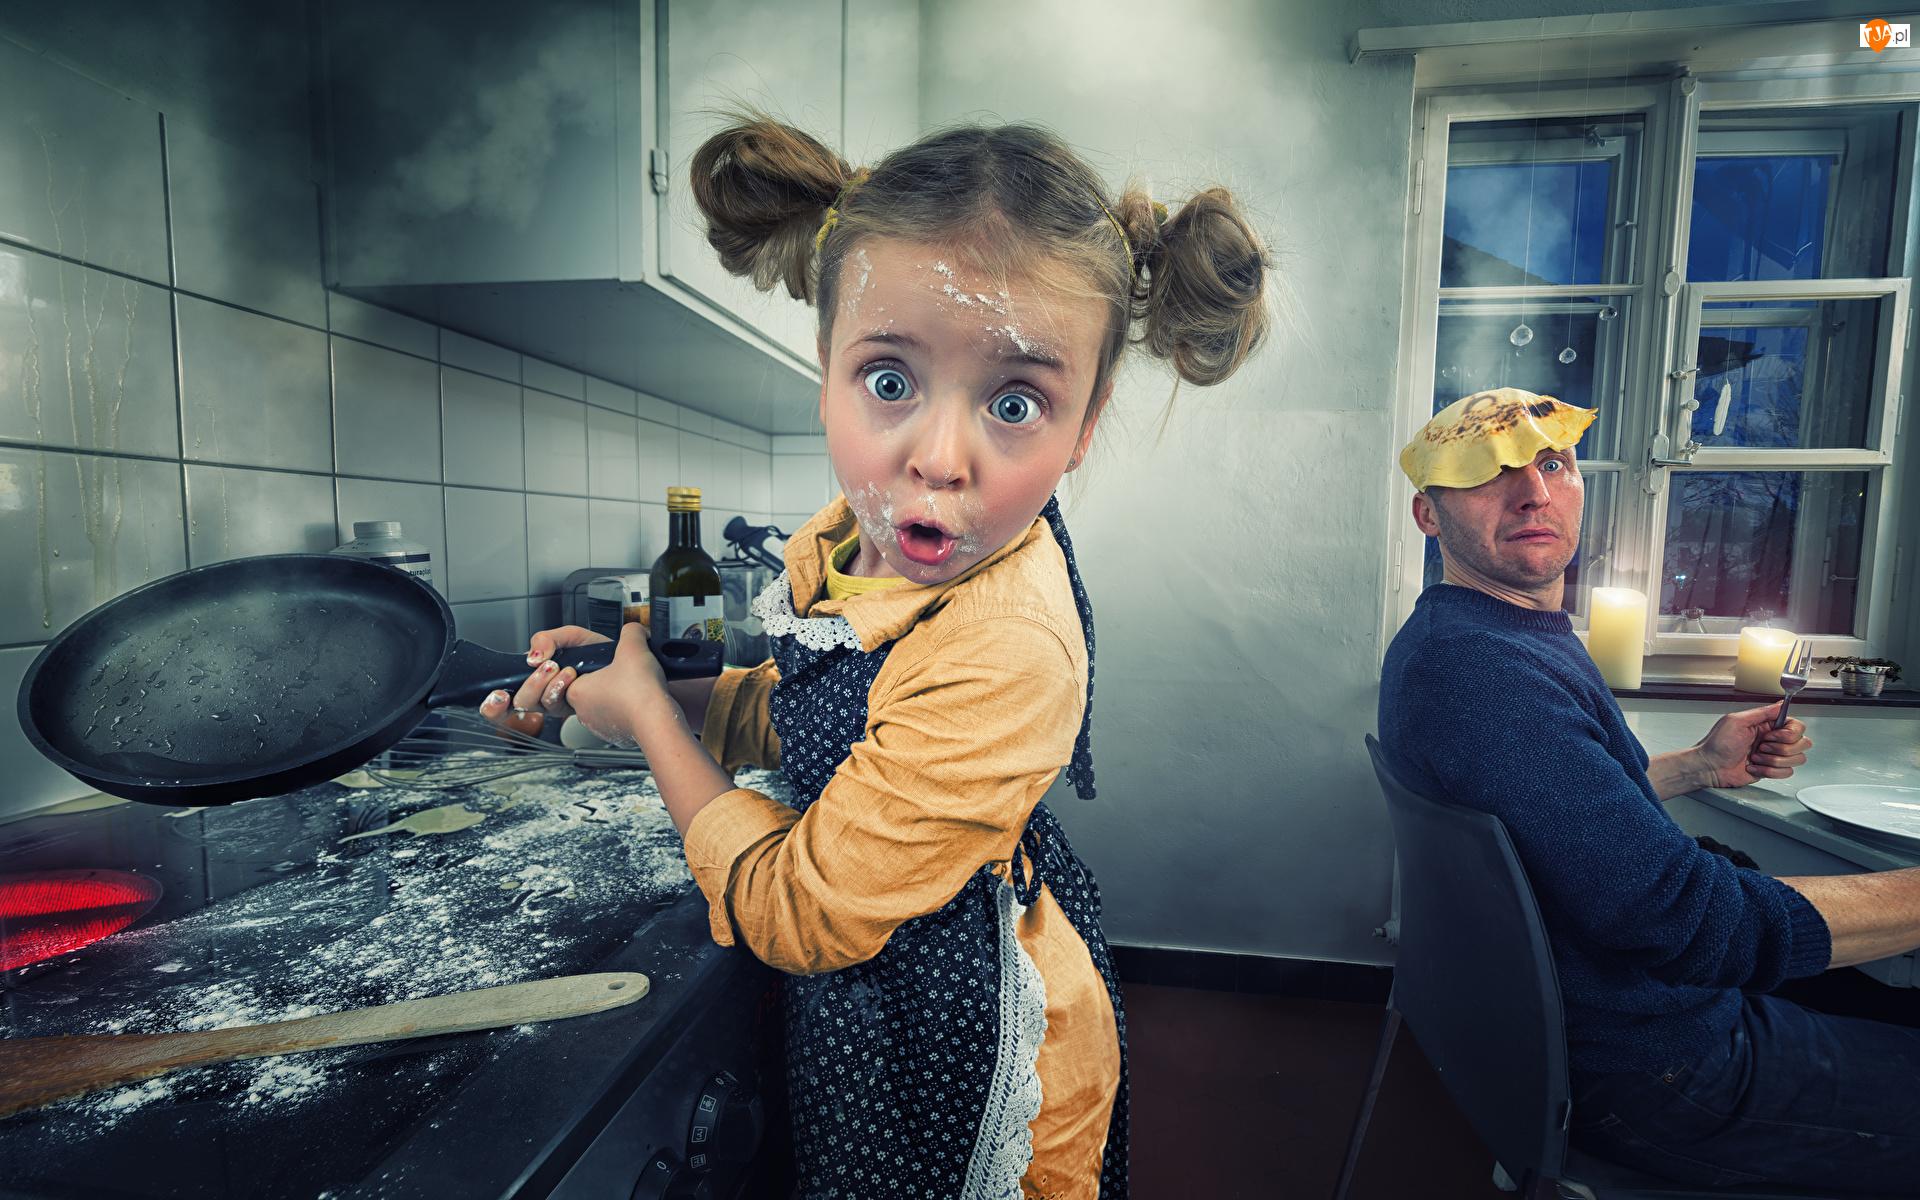 Patelnia, Kuchnia, Dziewczynka, Śmieszne, Mężczyzna, Naleśniki